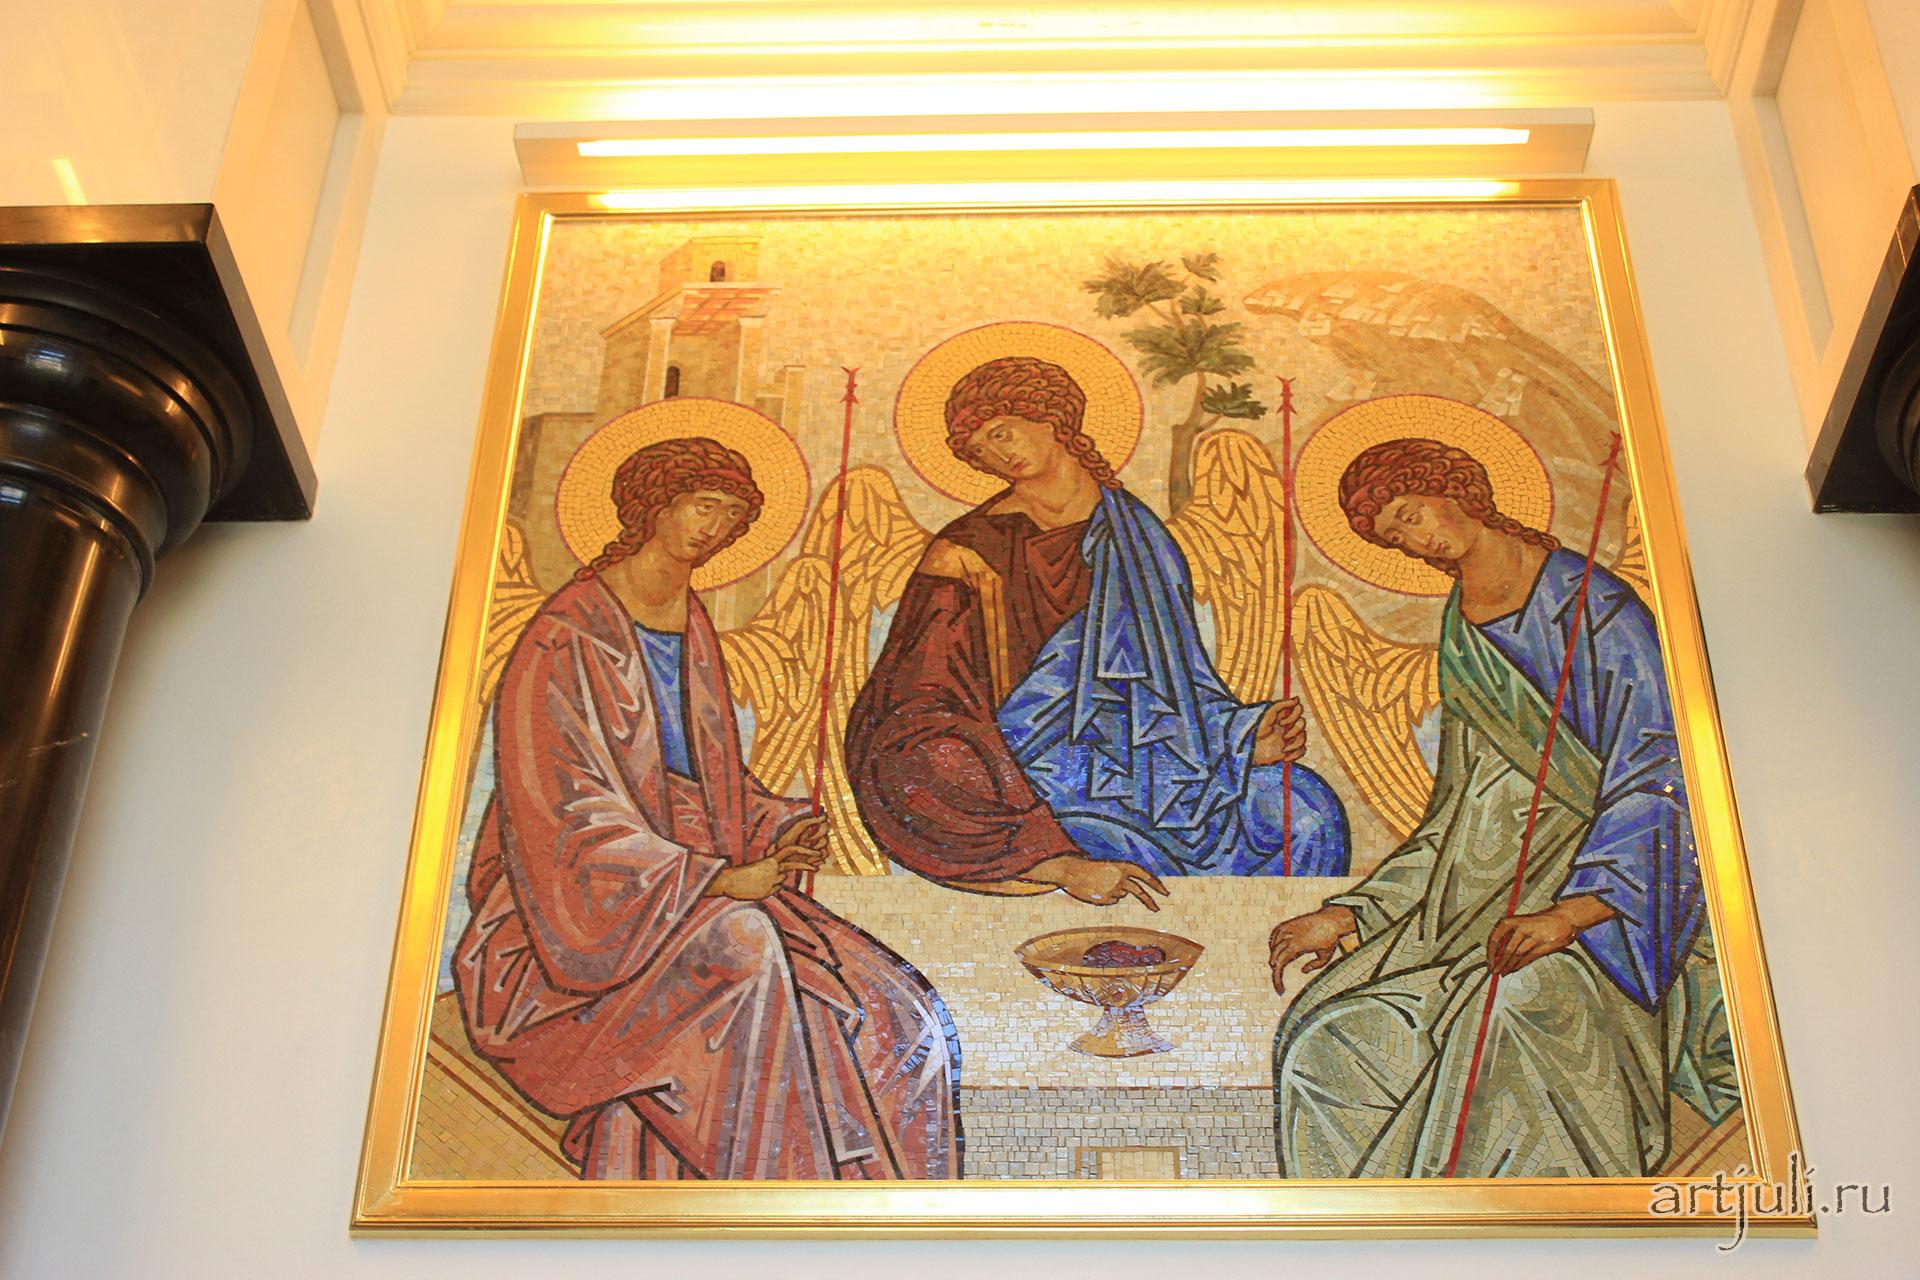 Работа с сусальным золотом скорбим и помним в стихах брату